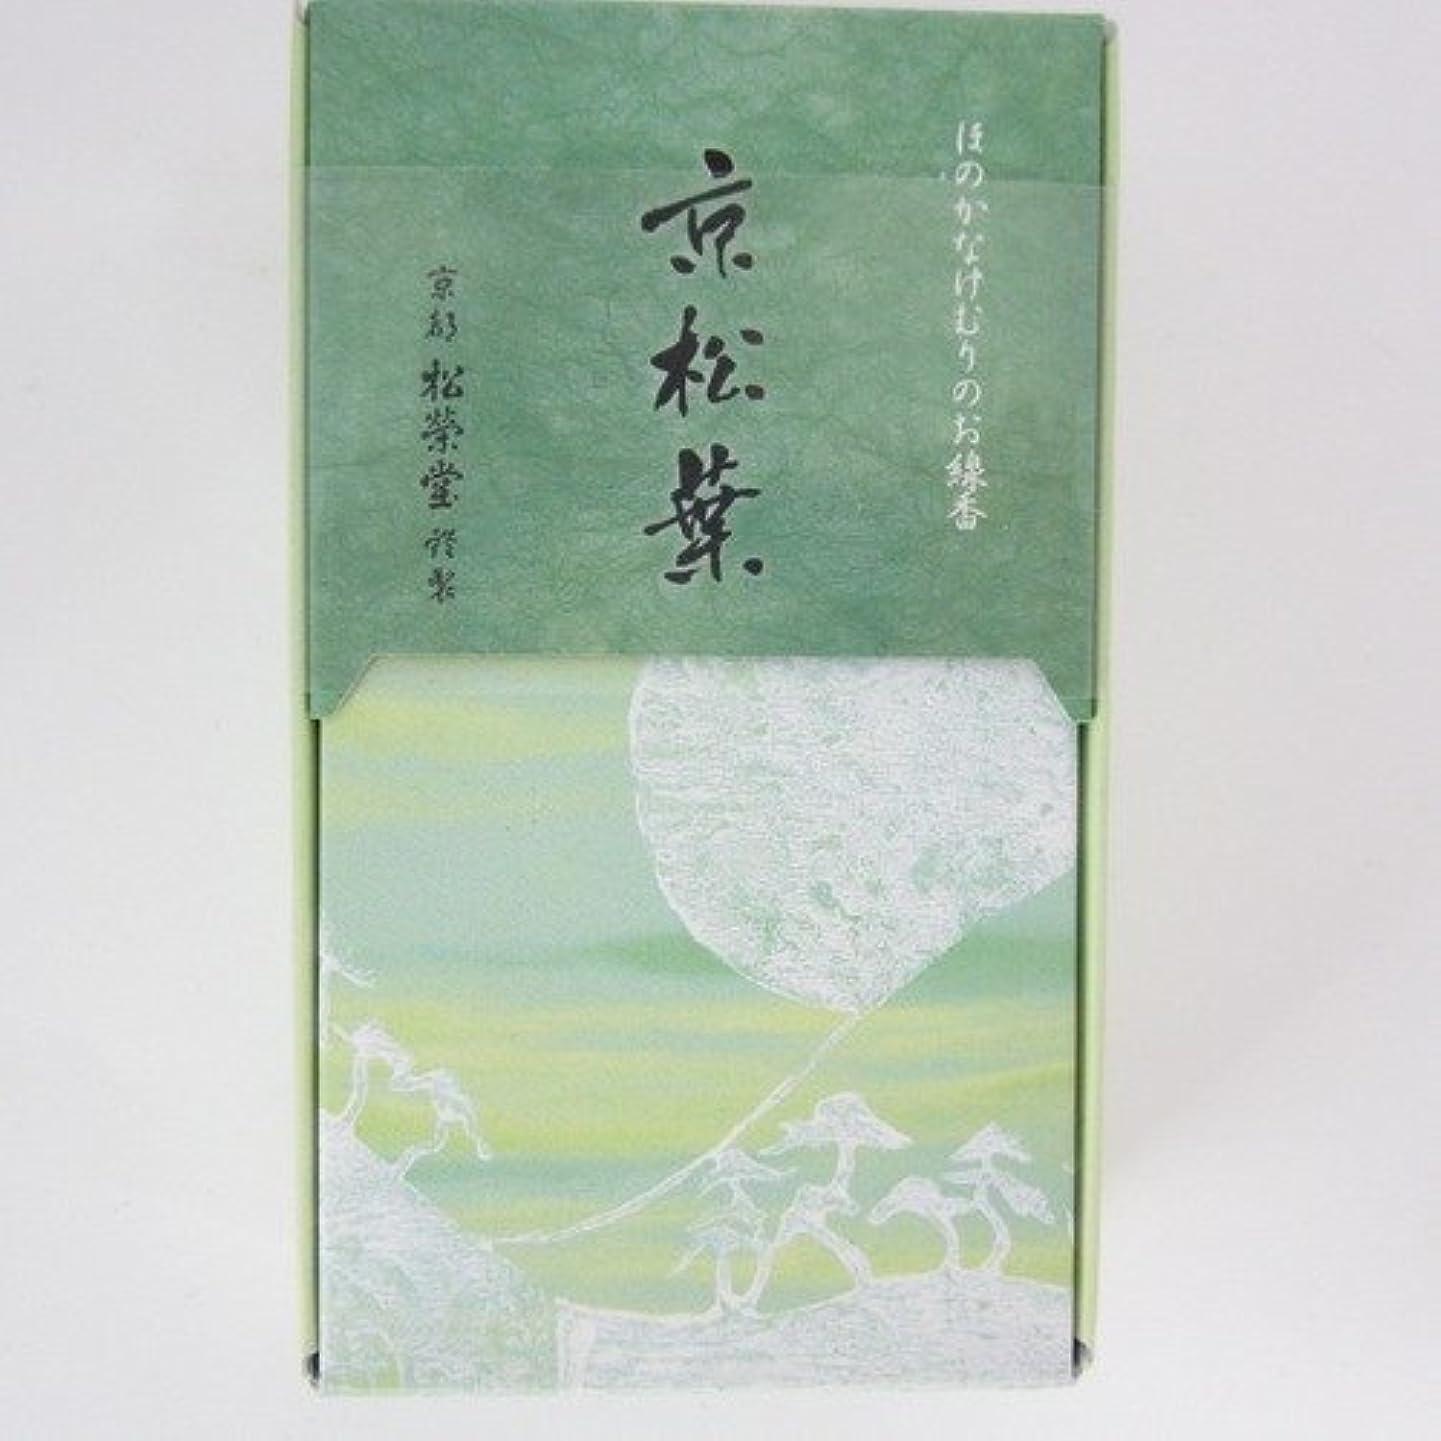 タヒチ半円リース松栄堂 玉響シリーズ お香 京松葉 45g